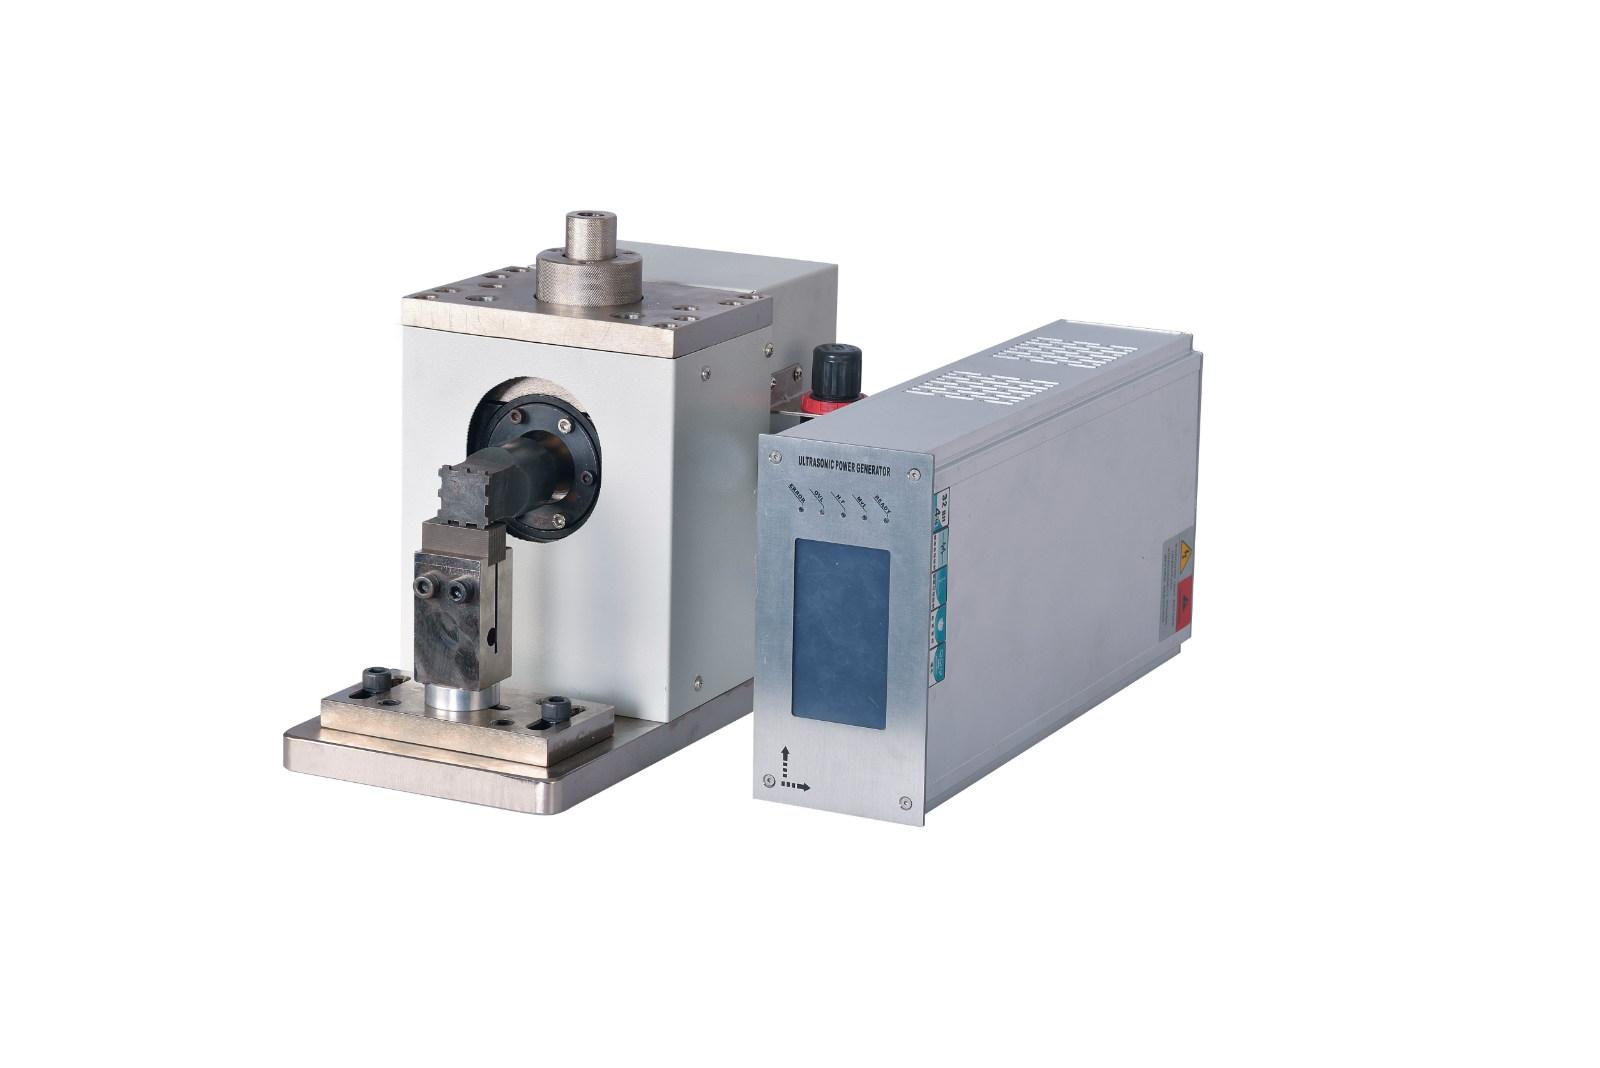 慈溪超声波清洗机_想买优惠的超声波金属焊接机,就来清大超声科技